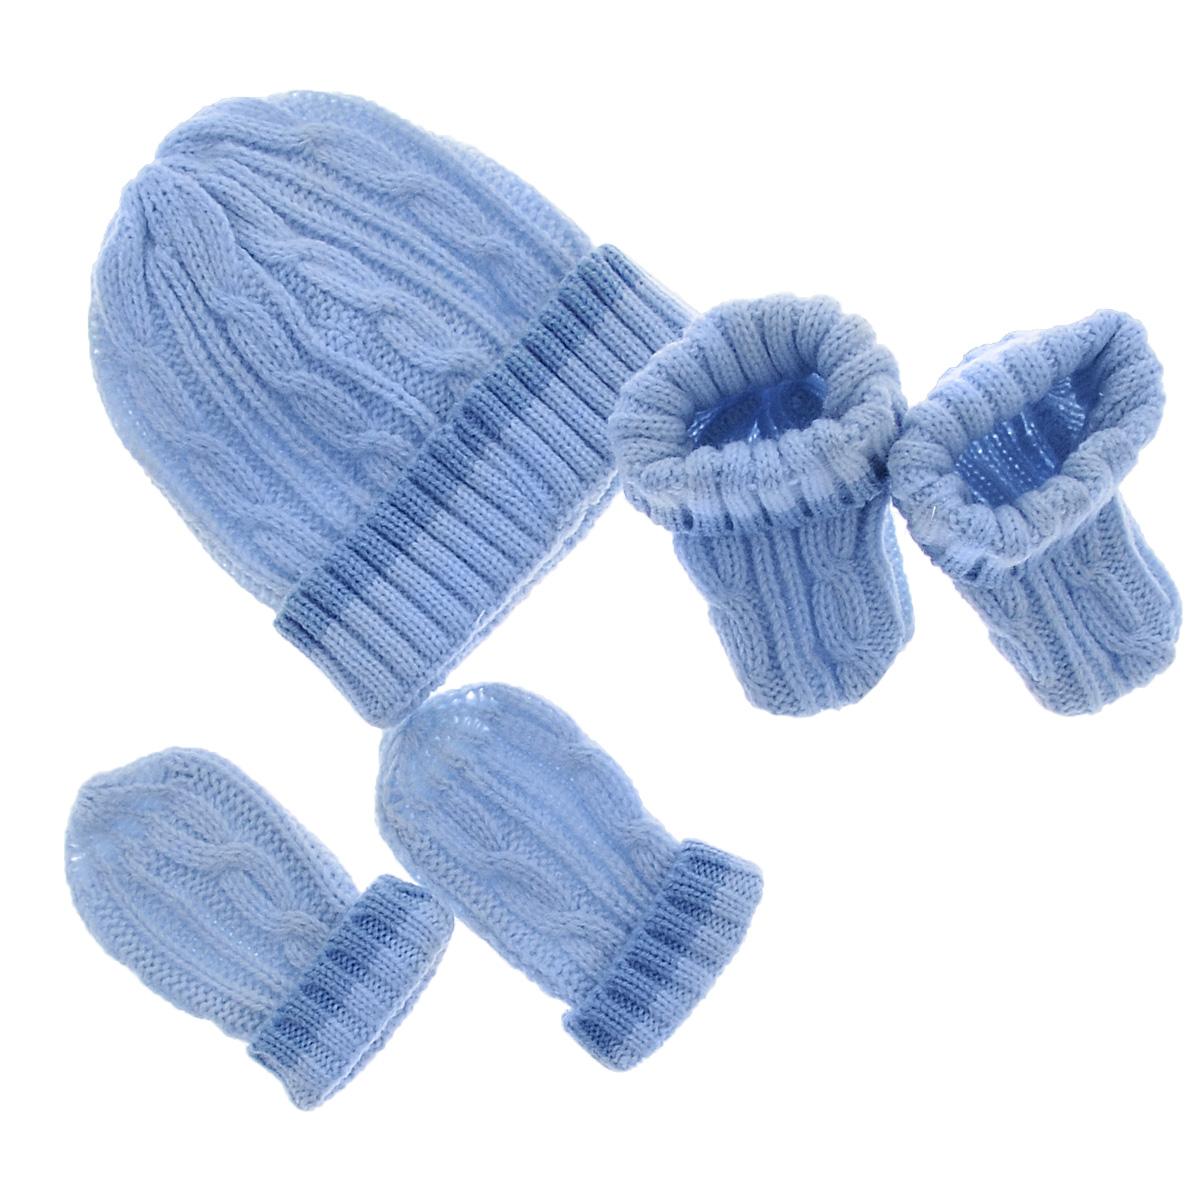 Комплект одежды07097Вязаный комплект для новорожденного Luvable Friends - это замечательный подарок, который прекрасно подойдет для первых дней жизни малыша. Комплект состоит из шапочки, рукавичек и пинеток. Изготовленный из акрила, он необычайно мягкий и приятный на ощупь, хорошо сохраняет тепло, не сковывает движения малыша и позволяет коже дышать, не раздражает даже самую нежную и чувствительную кожу ребенка, обеспечивая ему наибольший комфорт. Мягкая шапочка с отворотом, необходимая любому младенцу, защищает еще не заросший родничок, щадит чувствительный слух малыша, прикрывая ушки, и предохраняет от теплопотерь. С рукавичками и пинетками ручки и ножки вашего малыша всегда будут в тепле. В таком комплекте ваш малыш будет чувствовать себя комфортно, уютно и всегда будет в центре внимания! Все предметы комплекта упакованы в подарочную коробку, перевязанную атласной ленточкой. Идеально подходит в качестве подарка для малыша!